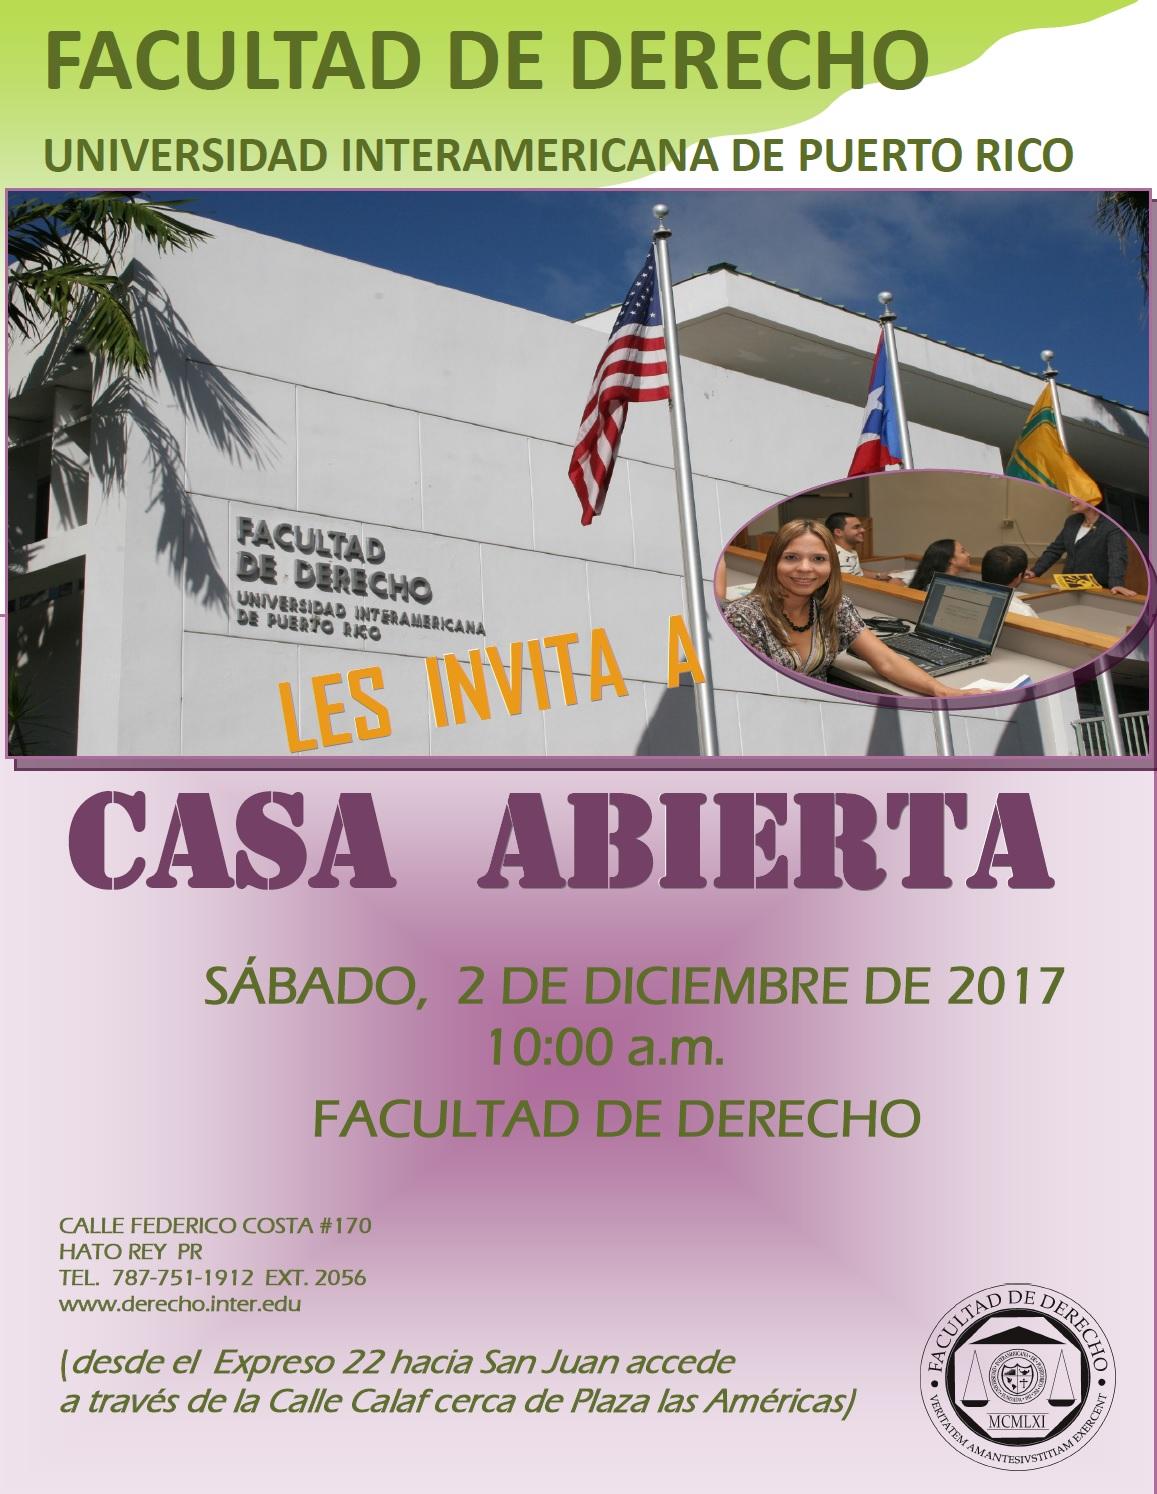 Casa Abierta Facultad de Derecho de la Universidad Interamericana de PR (2 diciembre 2017).